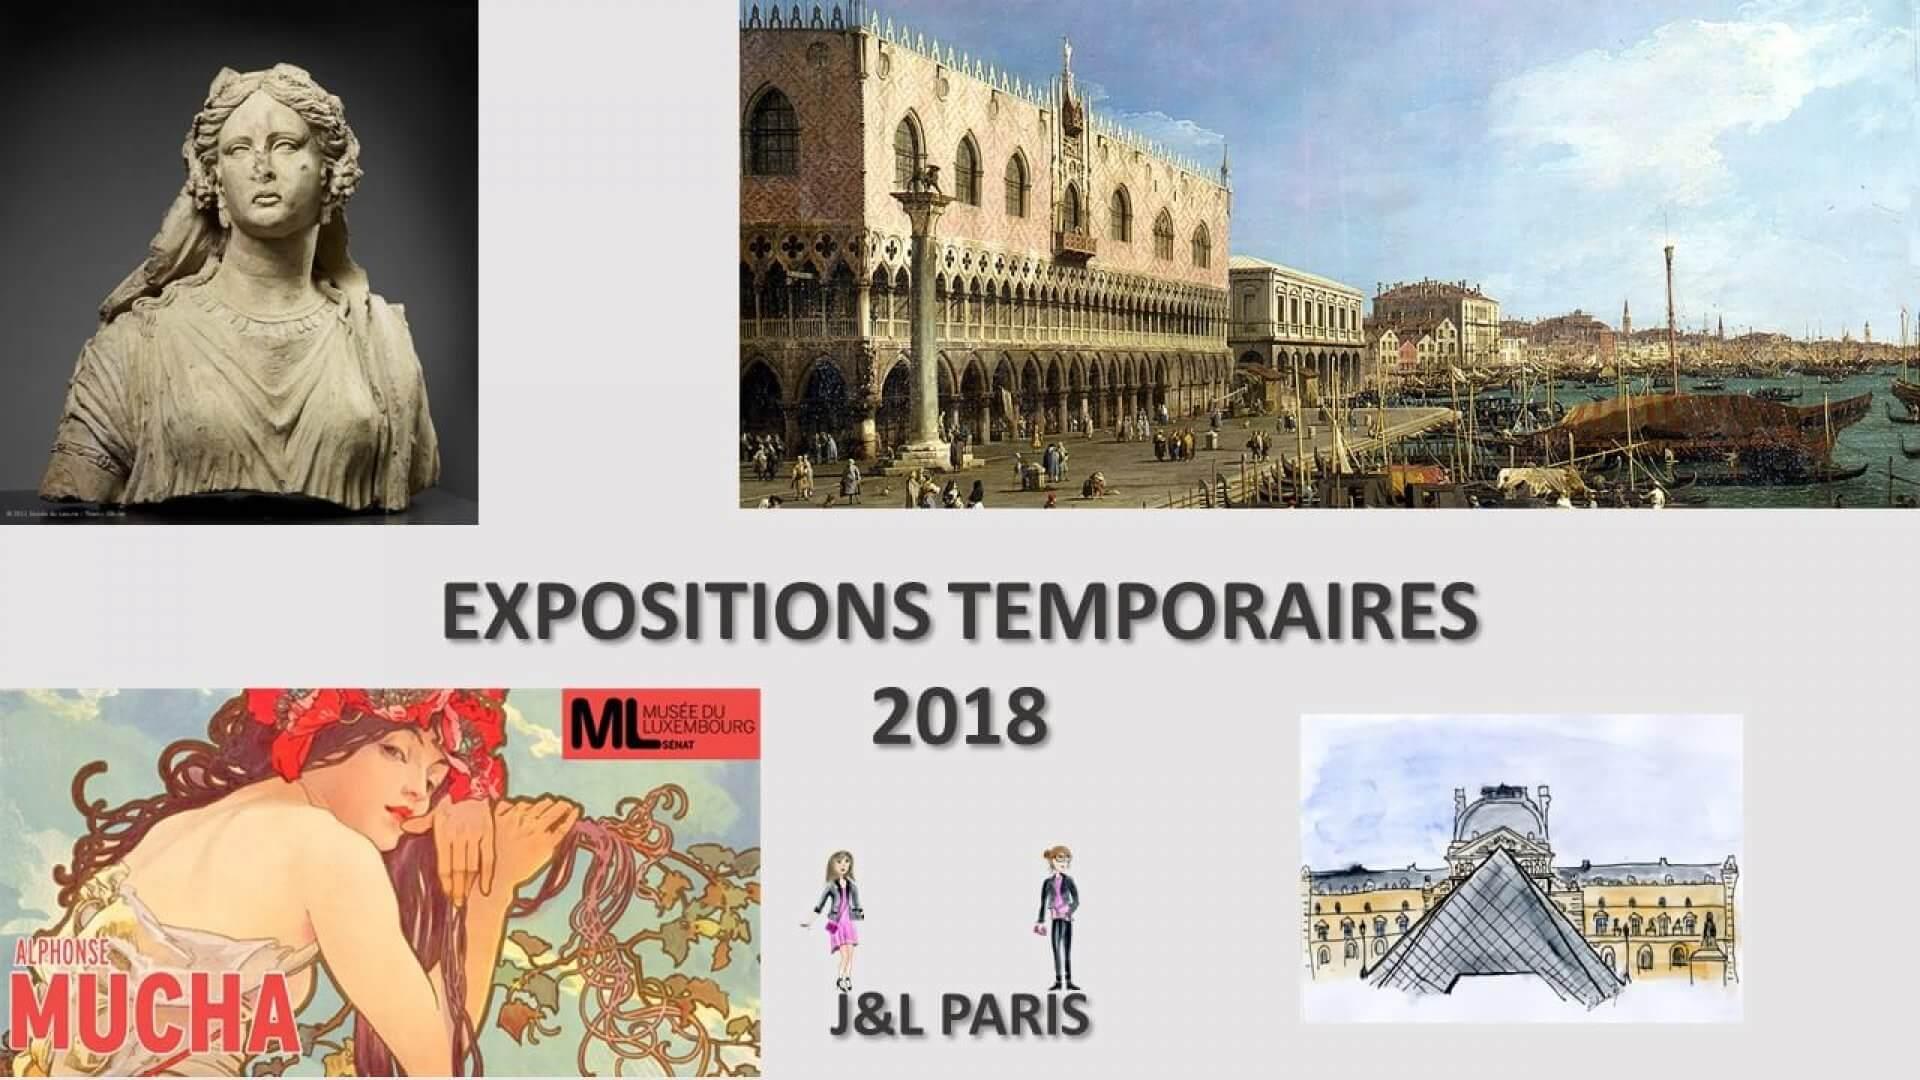 Expositions temporaires Paris 2018